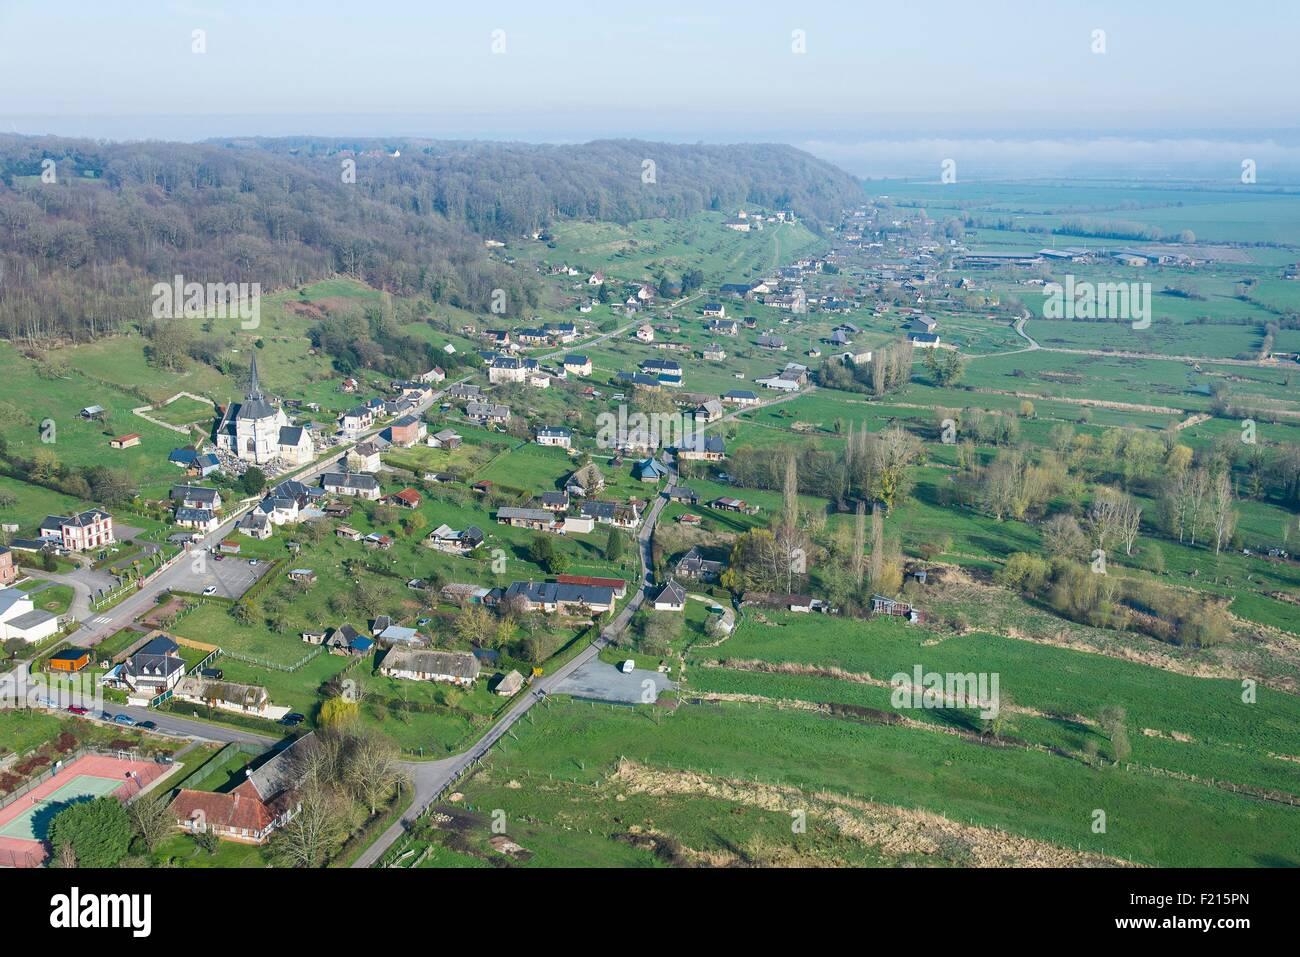 France, Eure, Marais Vernier (aerial view) - Stock Image